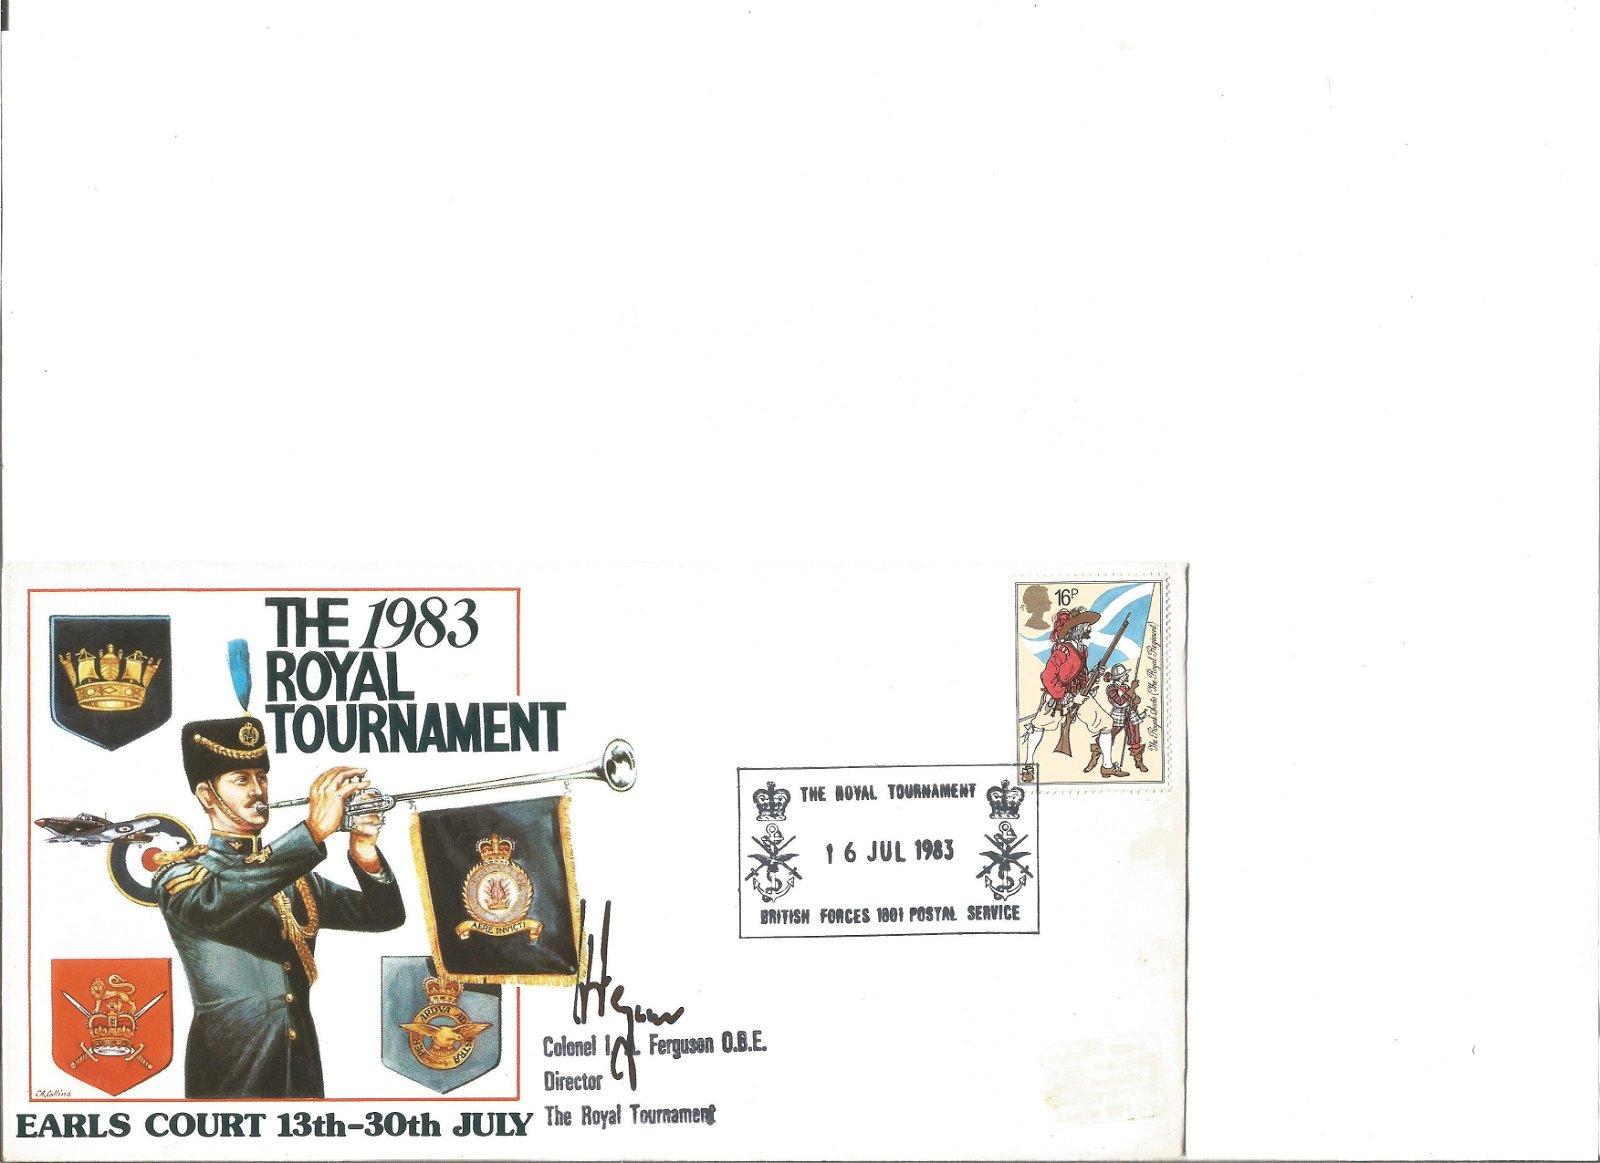 Clnl I Ferguson signed 1983 Royal Tournament cover.